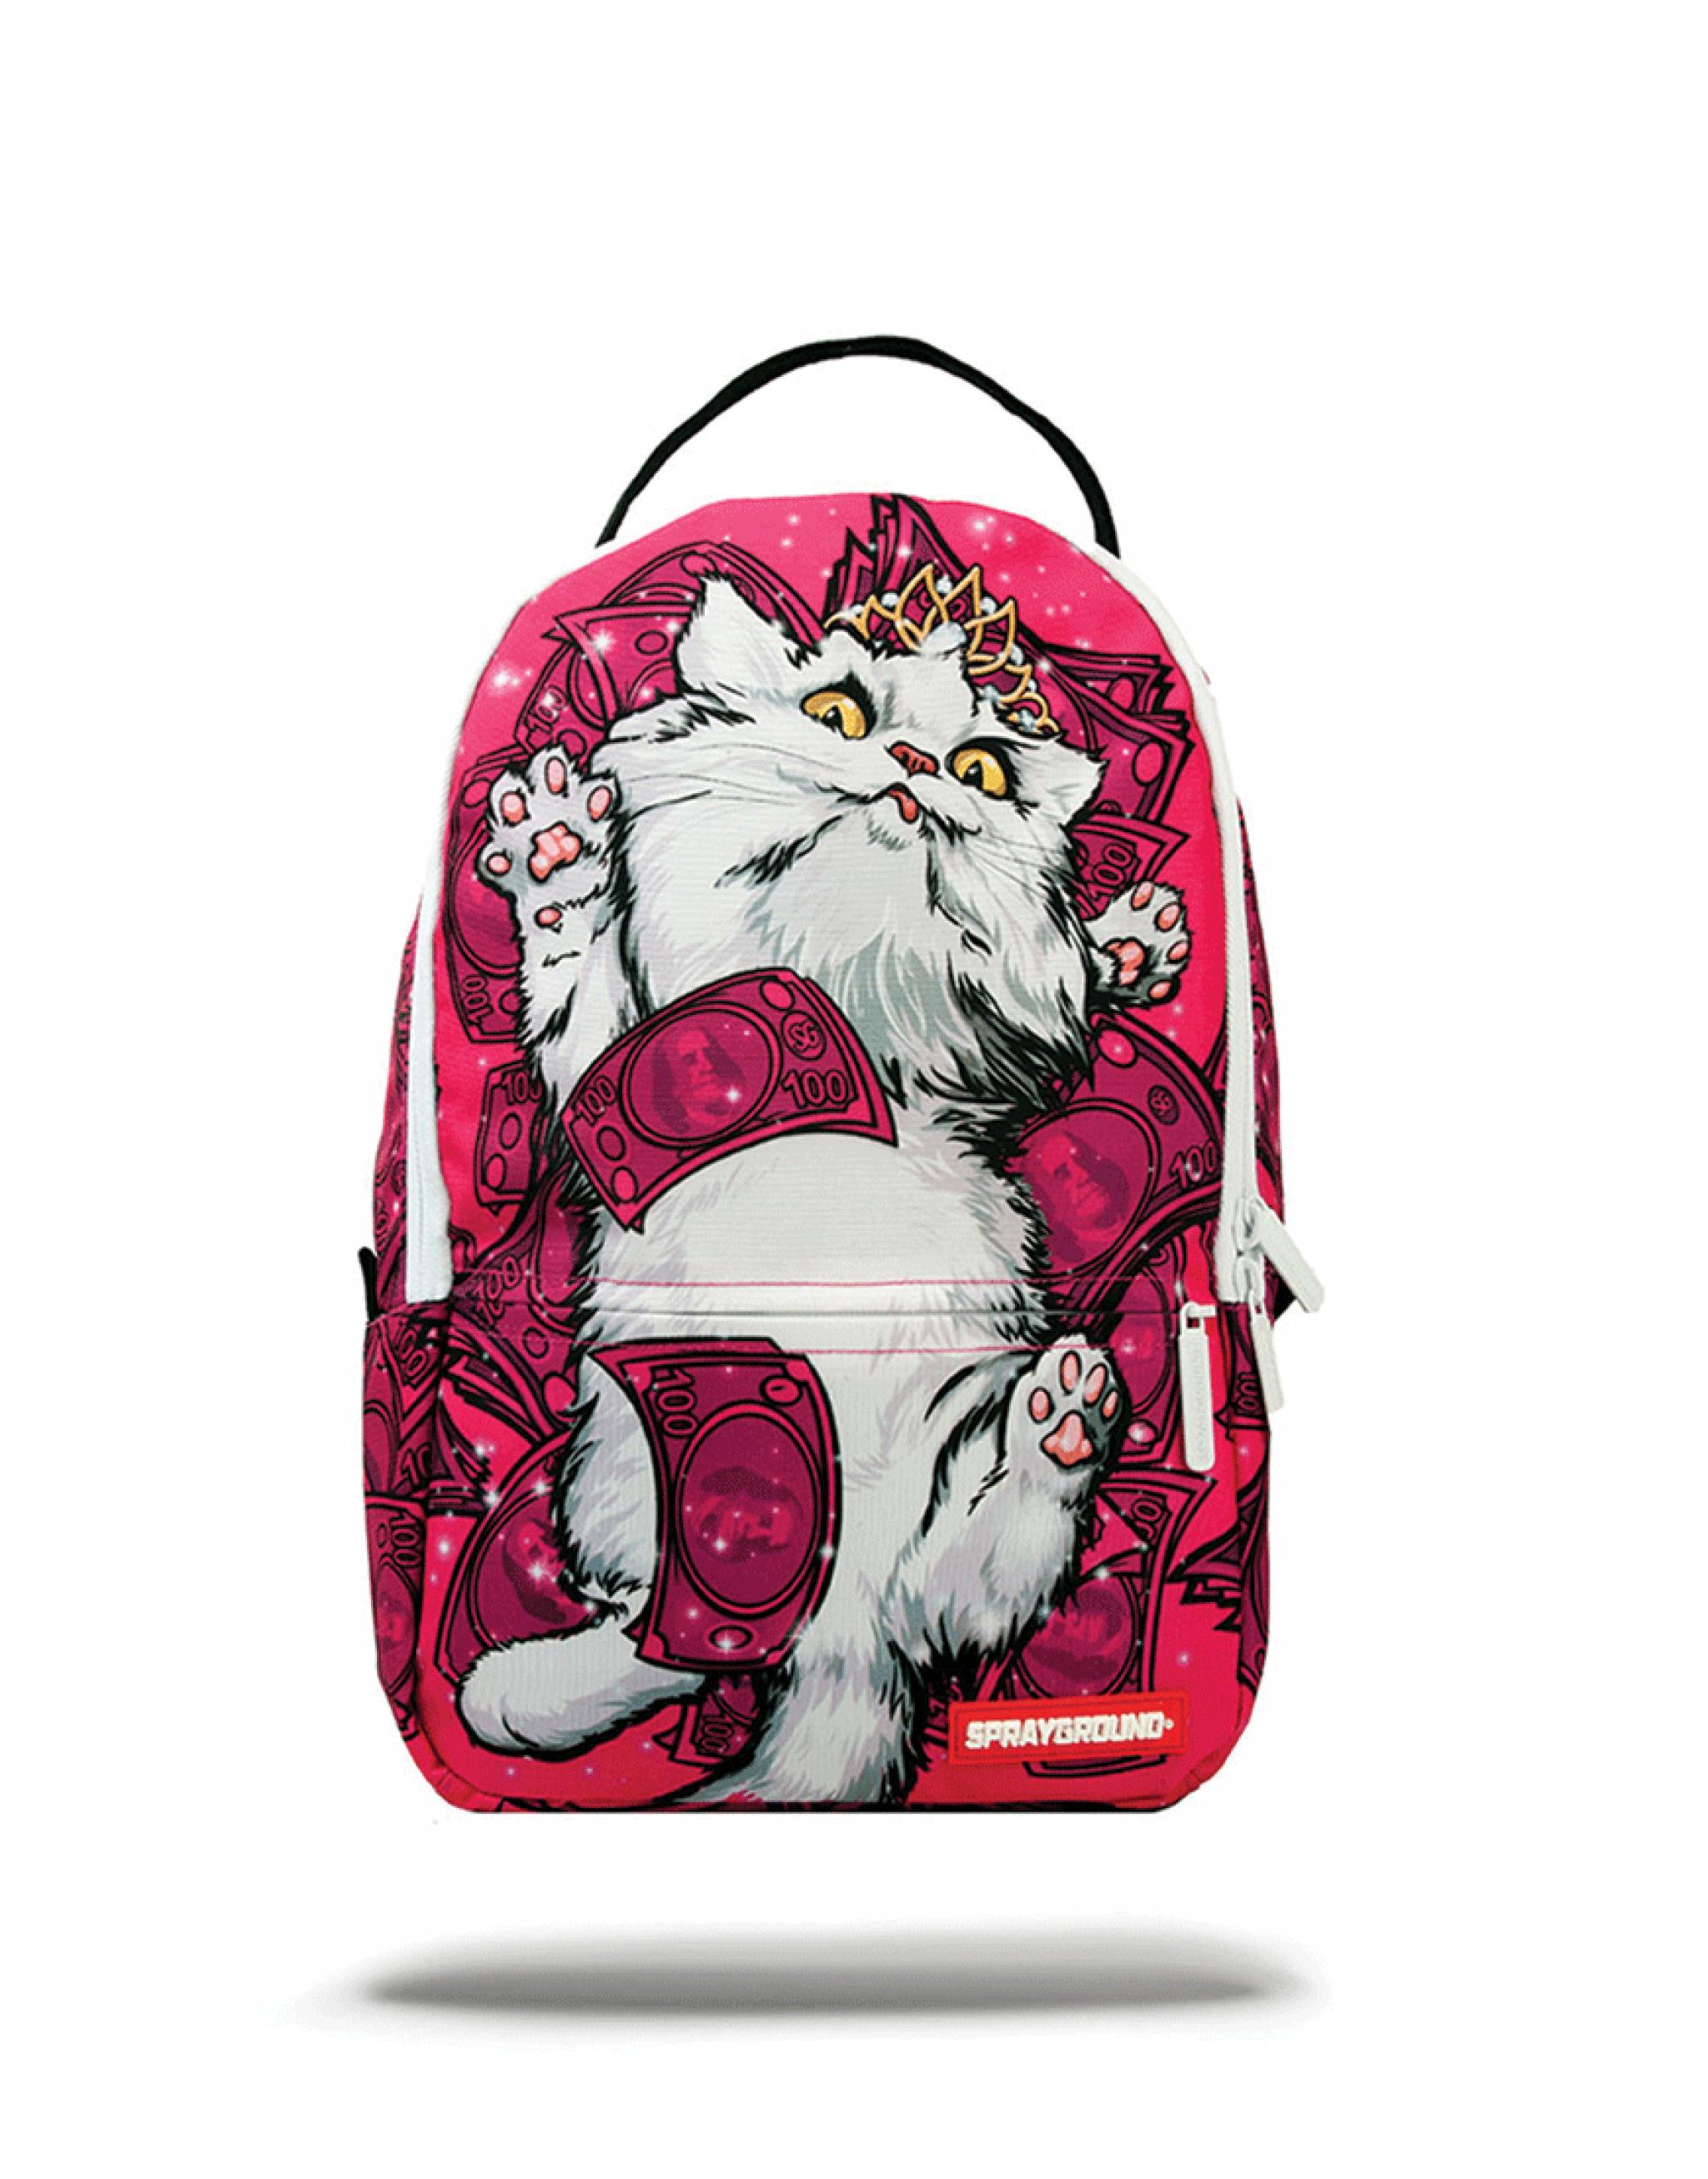 Mini Kitten Money Sprayground Backpacks Bags And Accessories Sprayground Bags Women Accessories Bags